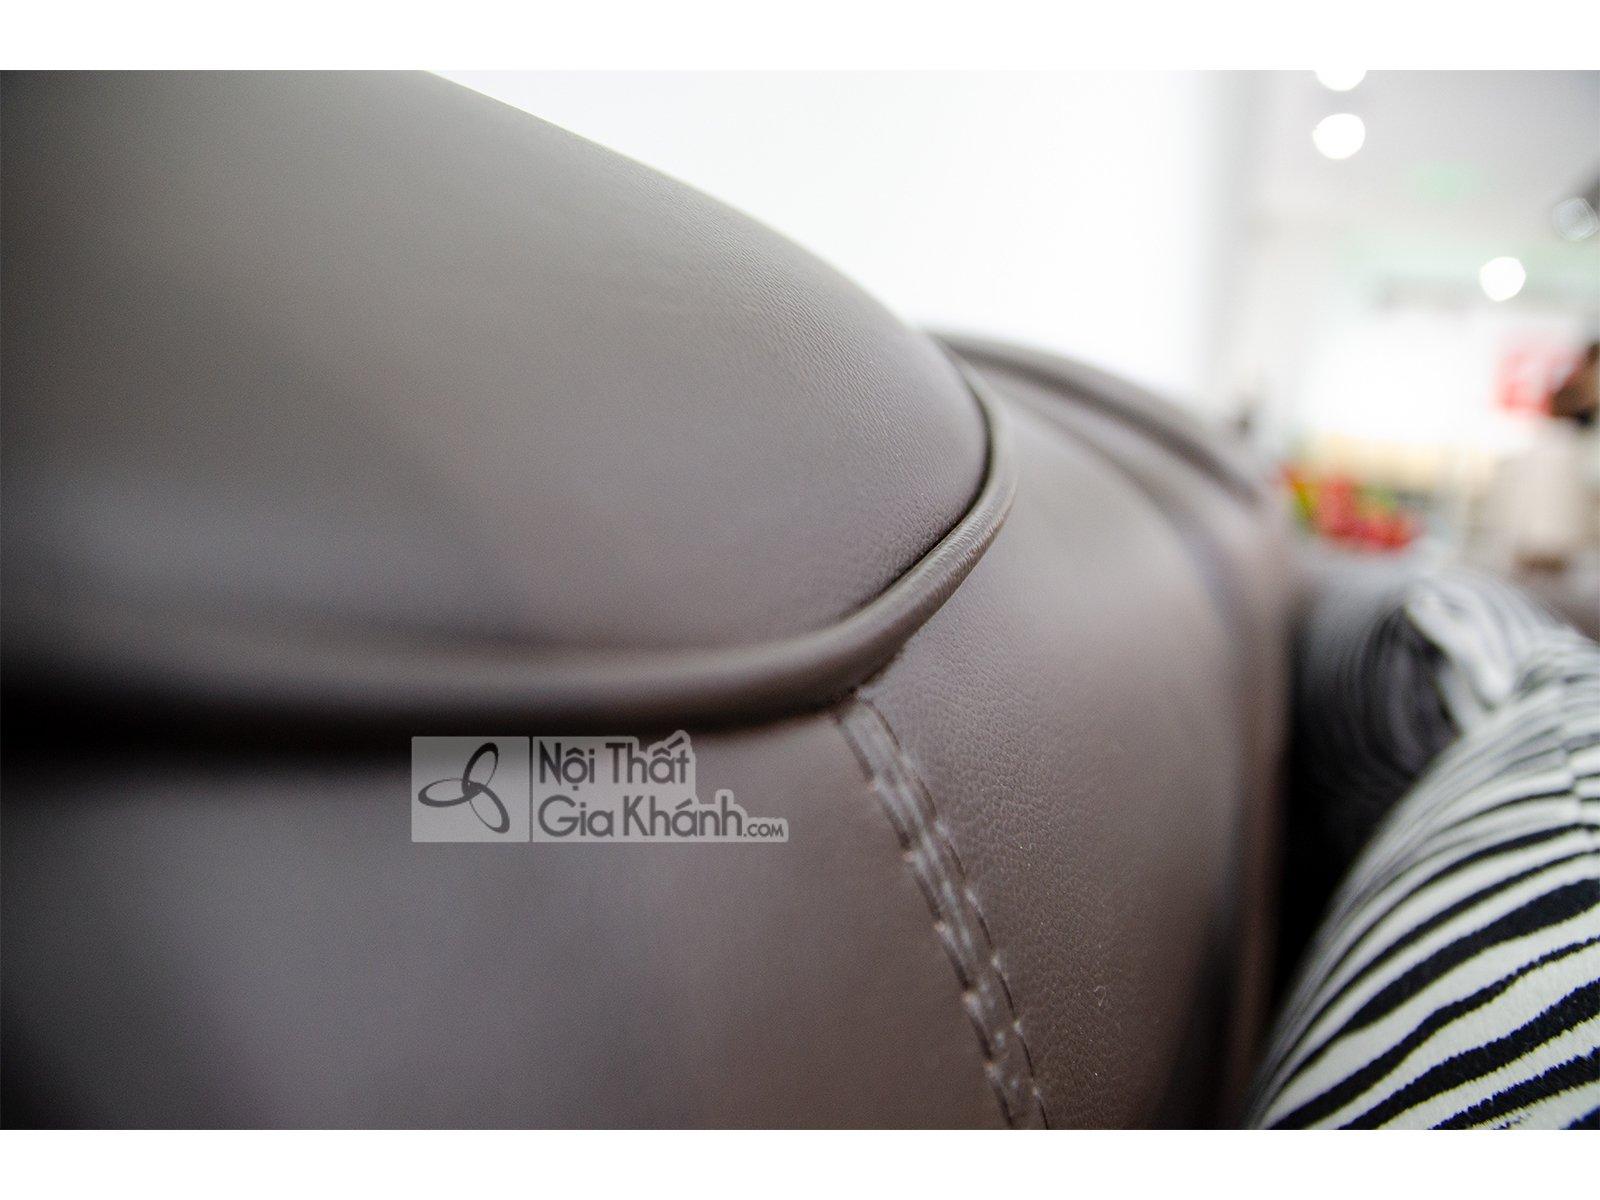 sofa da nau cafe 2 bang goc trai 9193n sf 2 - Sofa da hiện đại cho phòng khách SP0919-2-A1